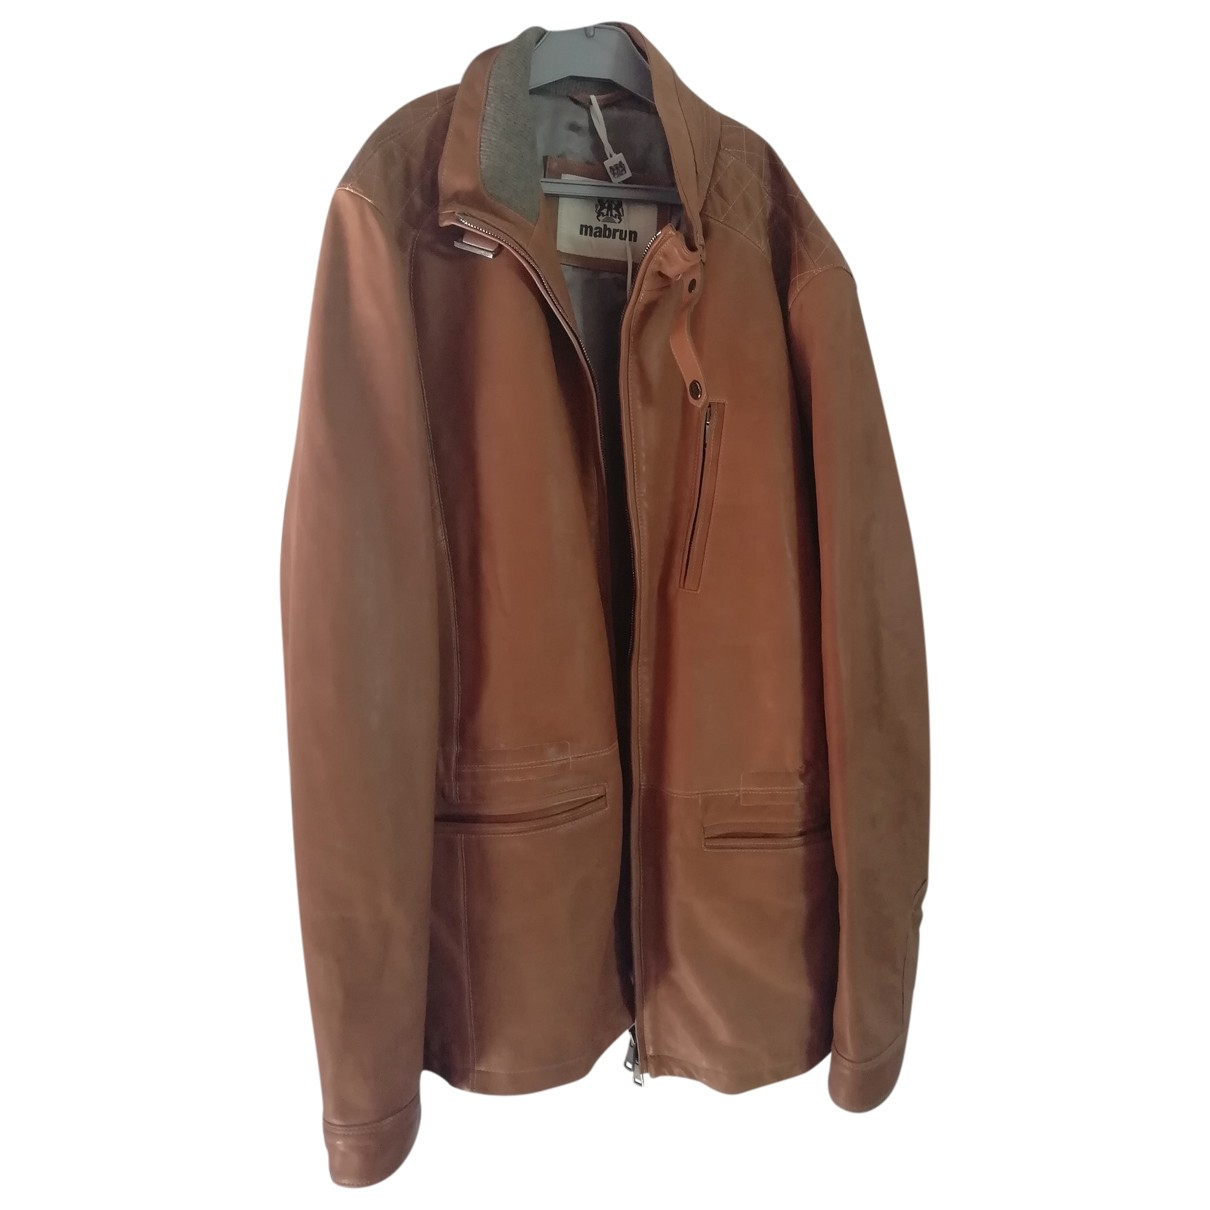 Mabrun - Manteau   pour homme - marron